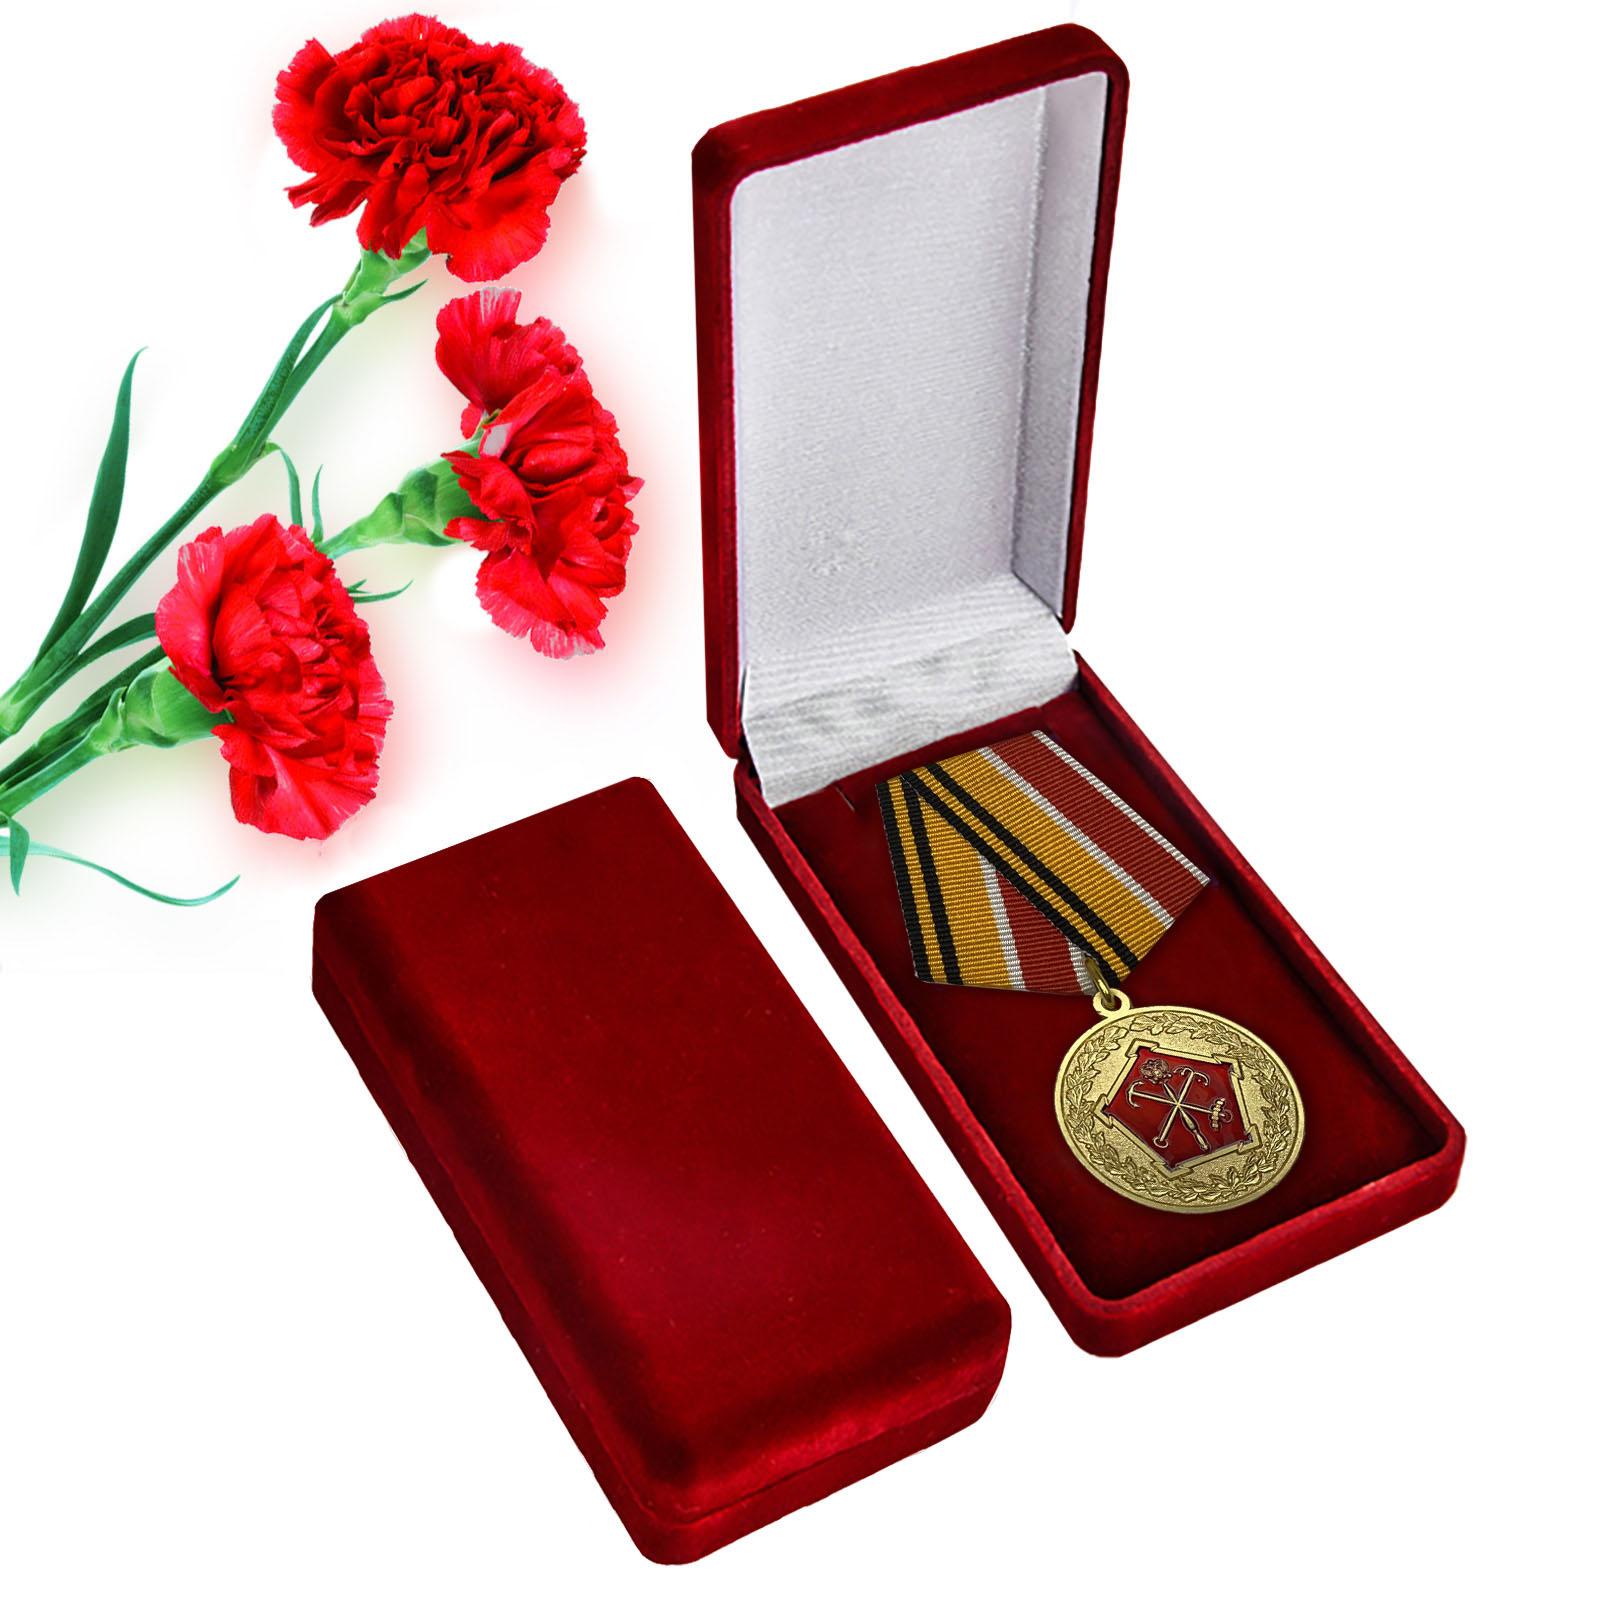 Юбилейная медаль 150 лет Западному военному округу